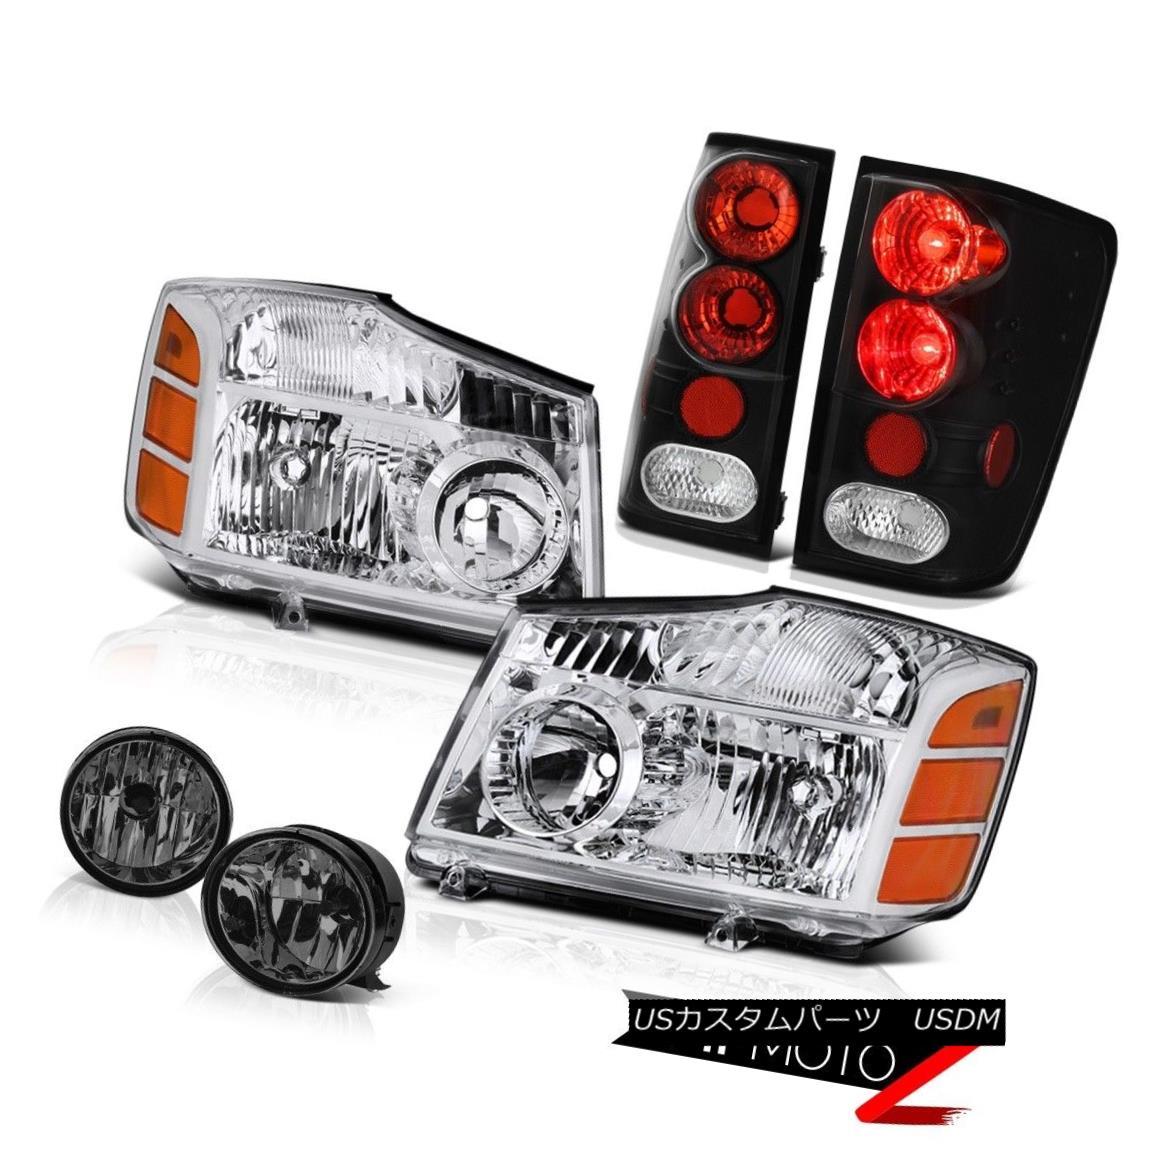 ヘッドライト NEW For 04-15 Titan LE Pair Clear Headlights Rear Brake Black Taillight Tint Fog NEW for 04-15タイタン・リー・ペア・クリア・ヘッドライトリア・ブレーキブラック・テイルライト・ティントフォグ